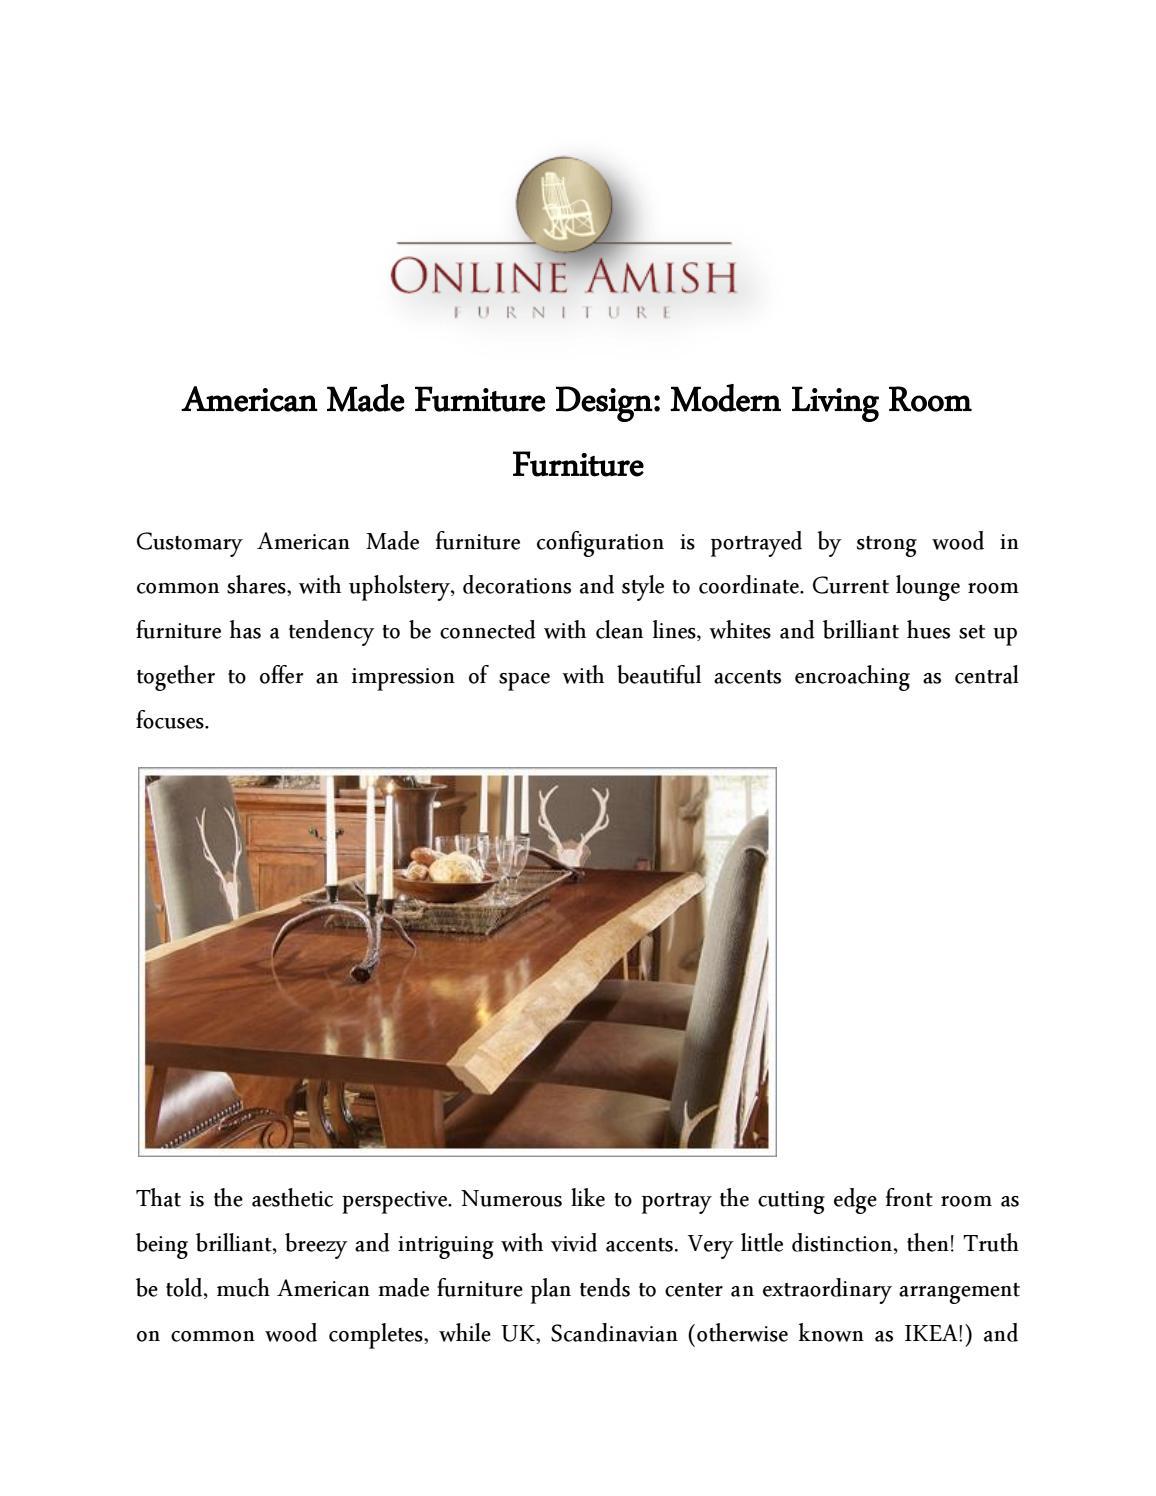 American Made Furniture >> American Made Furniture Design Modern Living Room Furniture